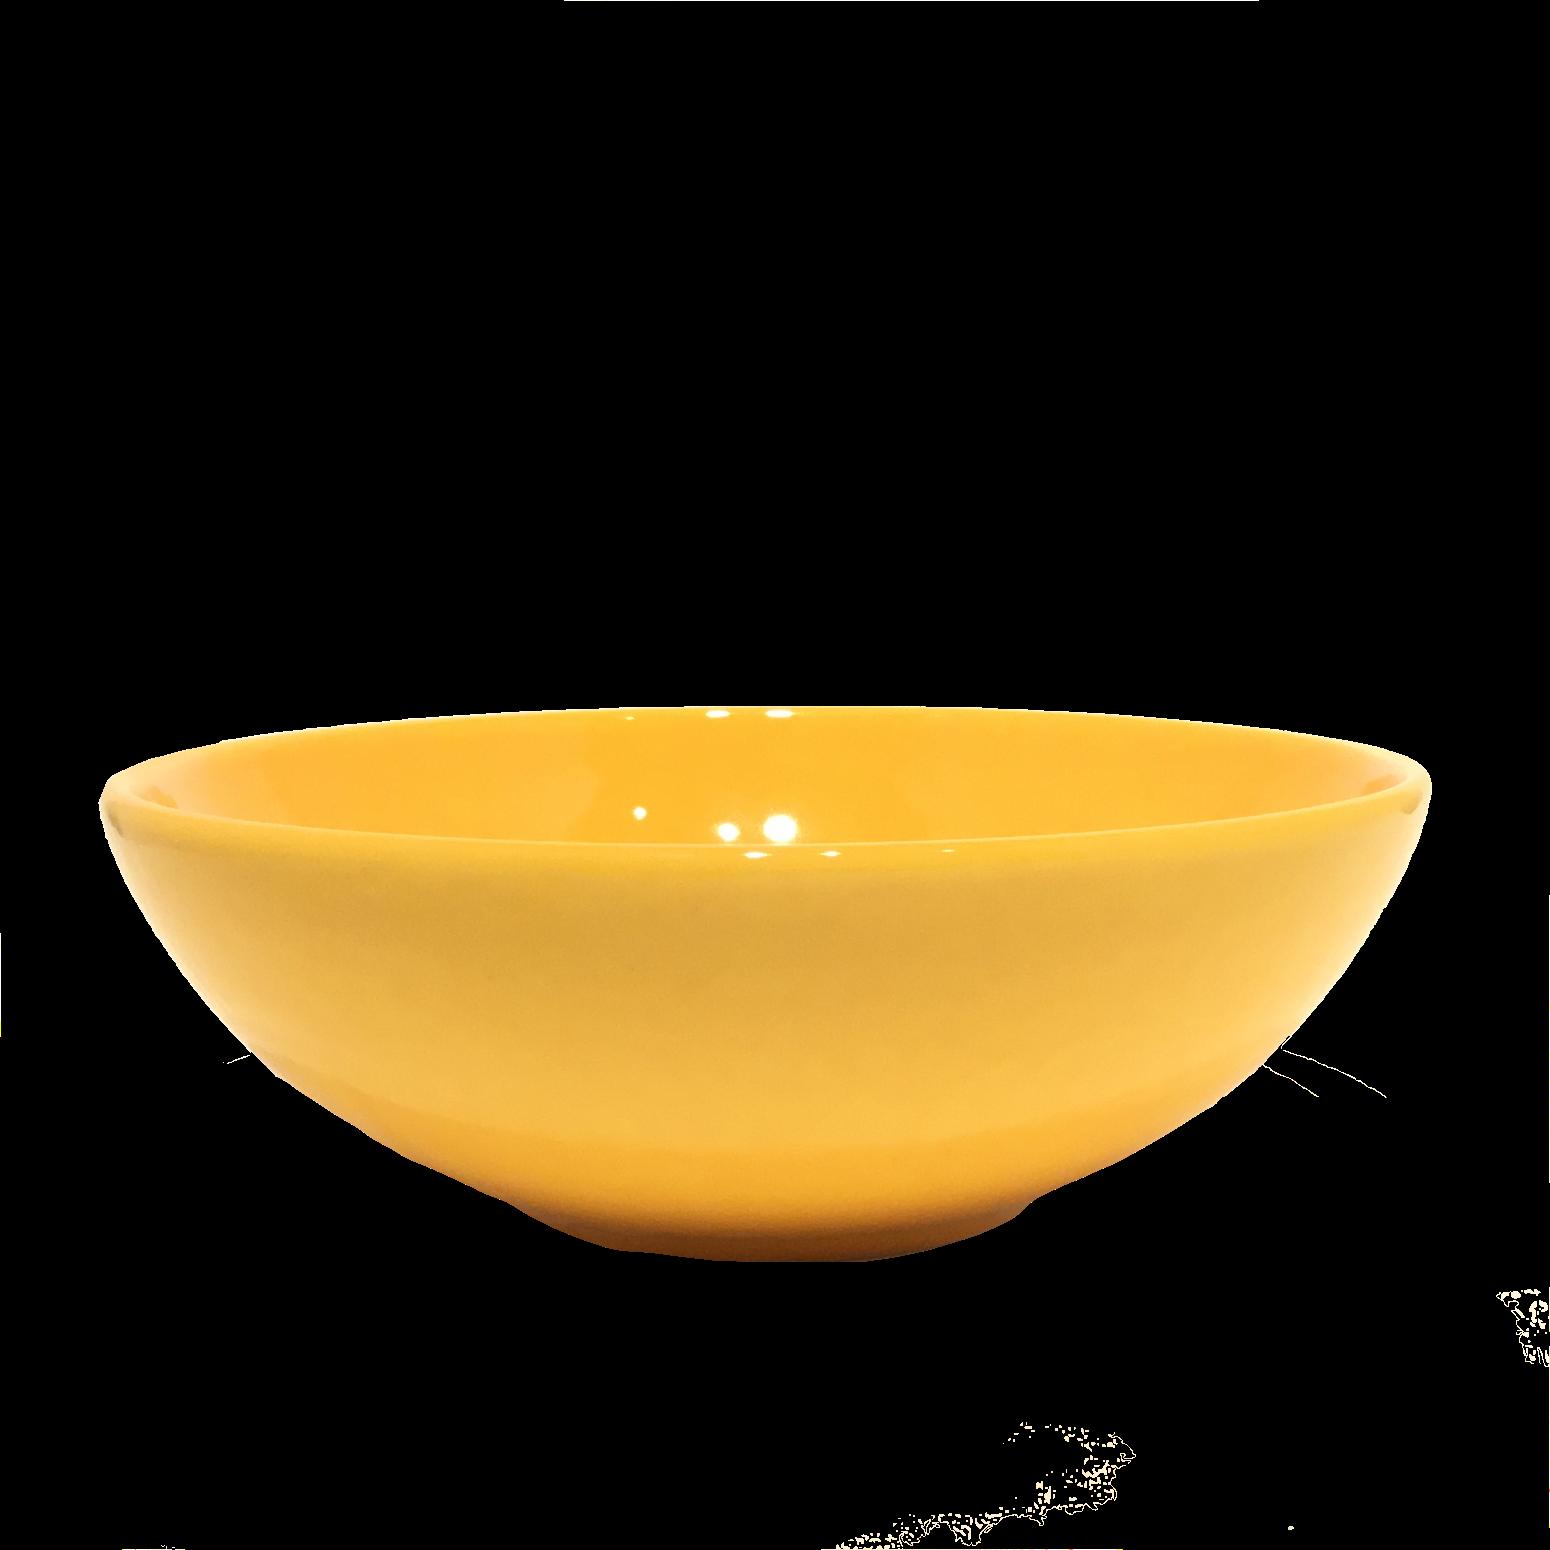 Calotte Coupe-1